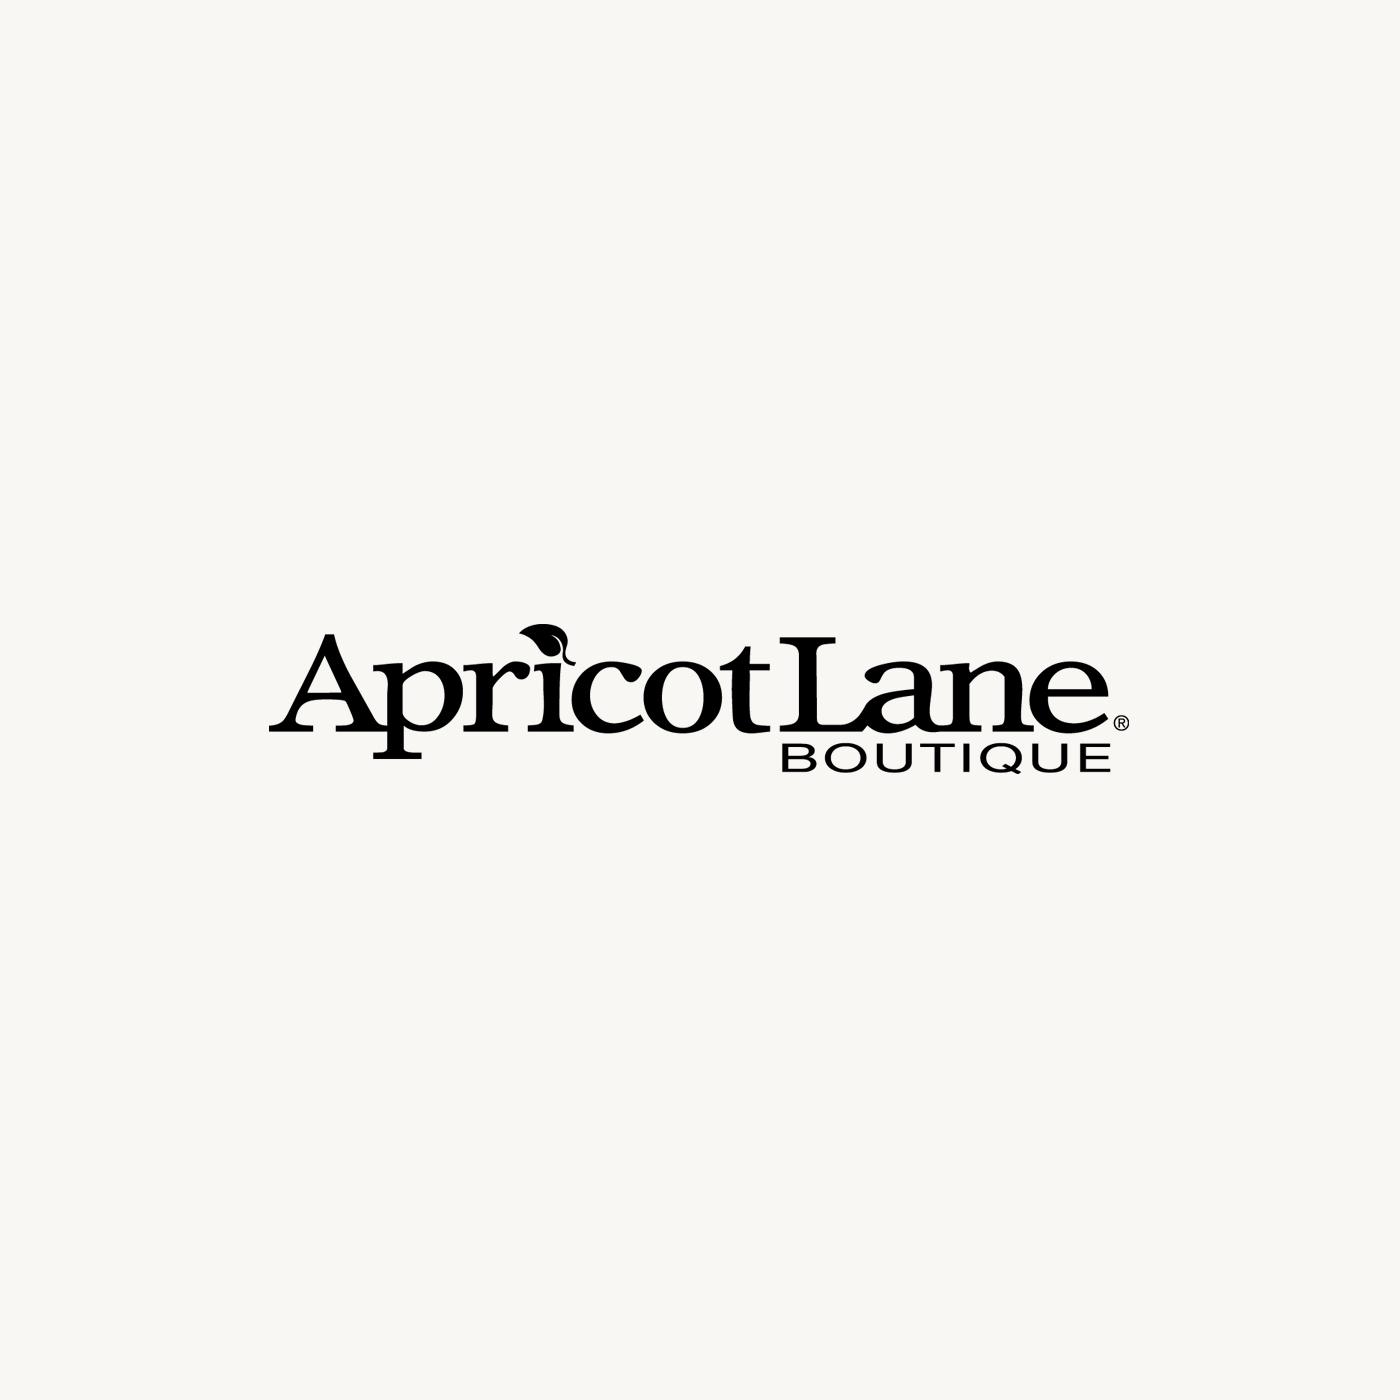 Apricot Lane Logo.jpg